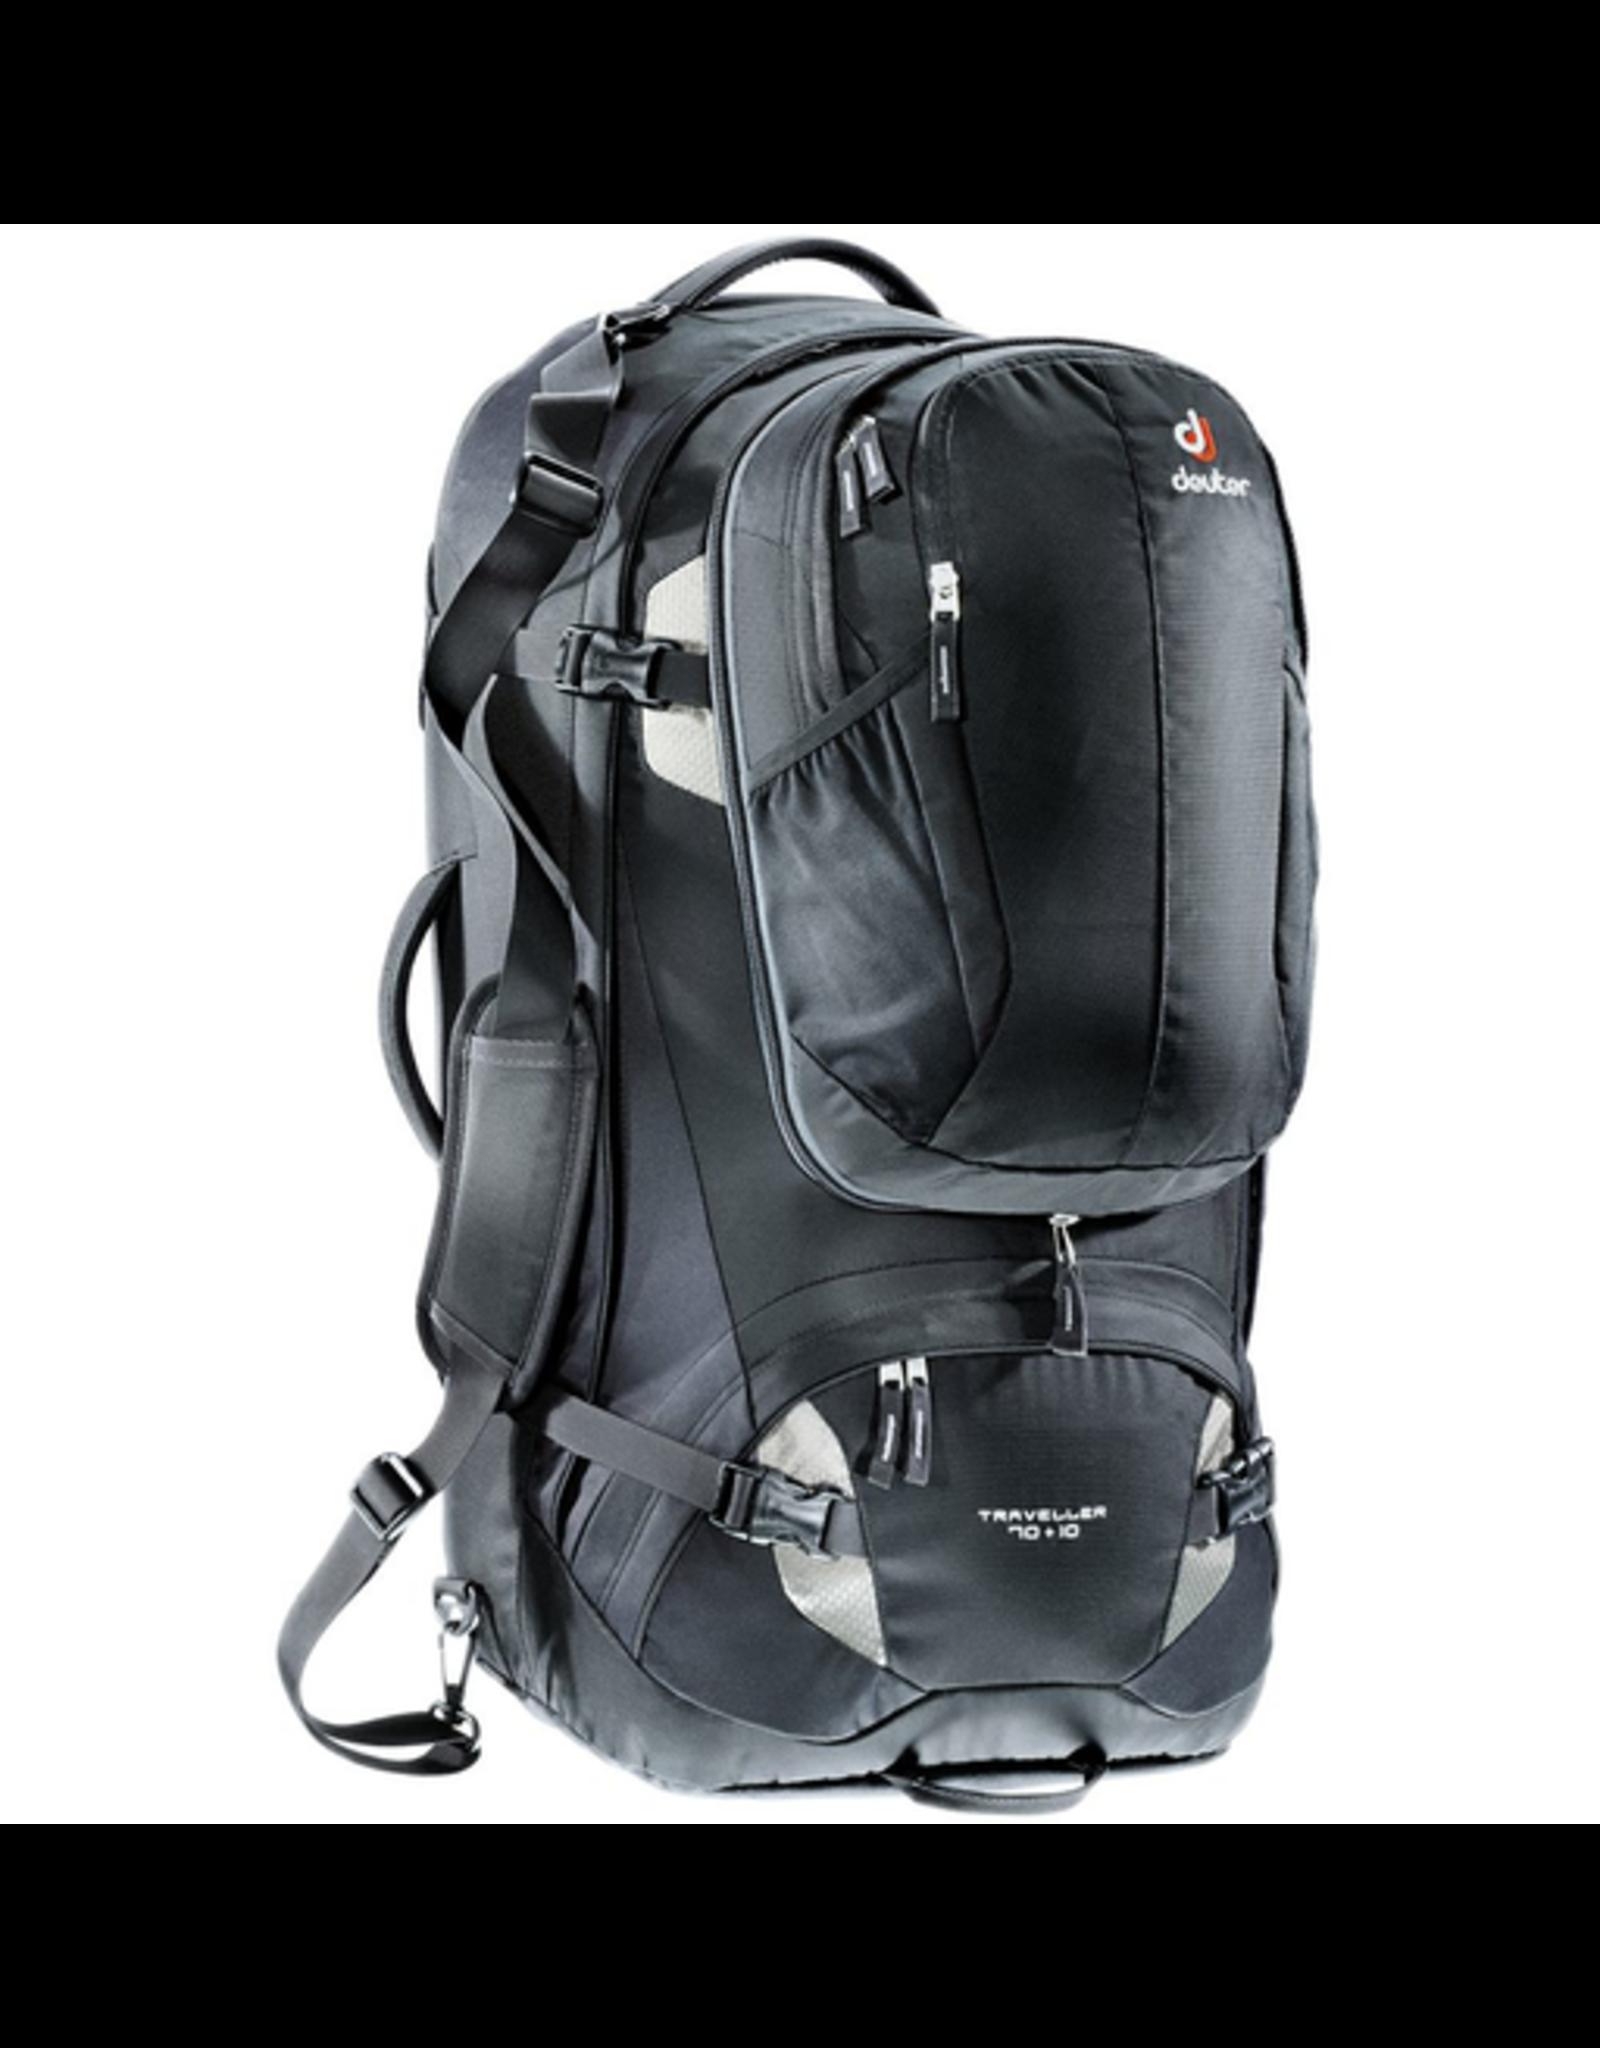 Deuter Deuter Traveller 70+10 Backpack, Black/Silver